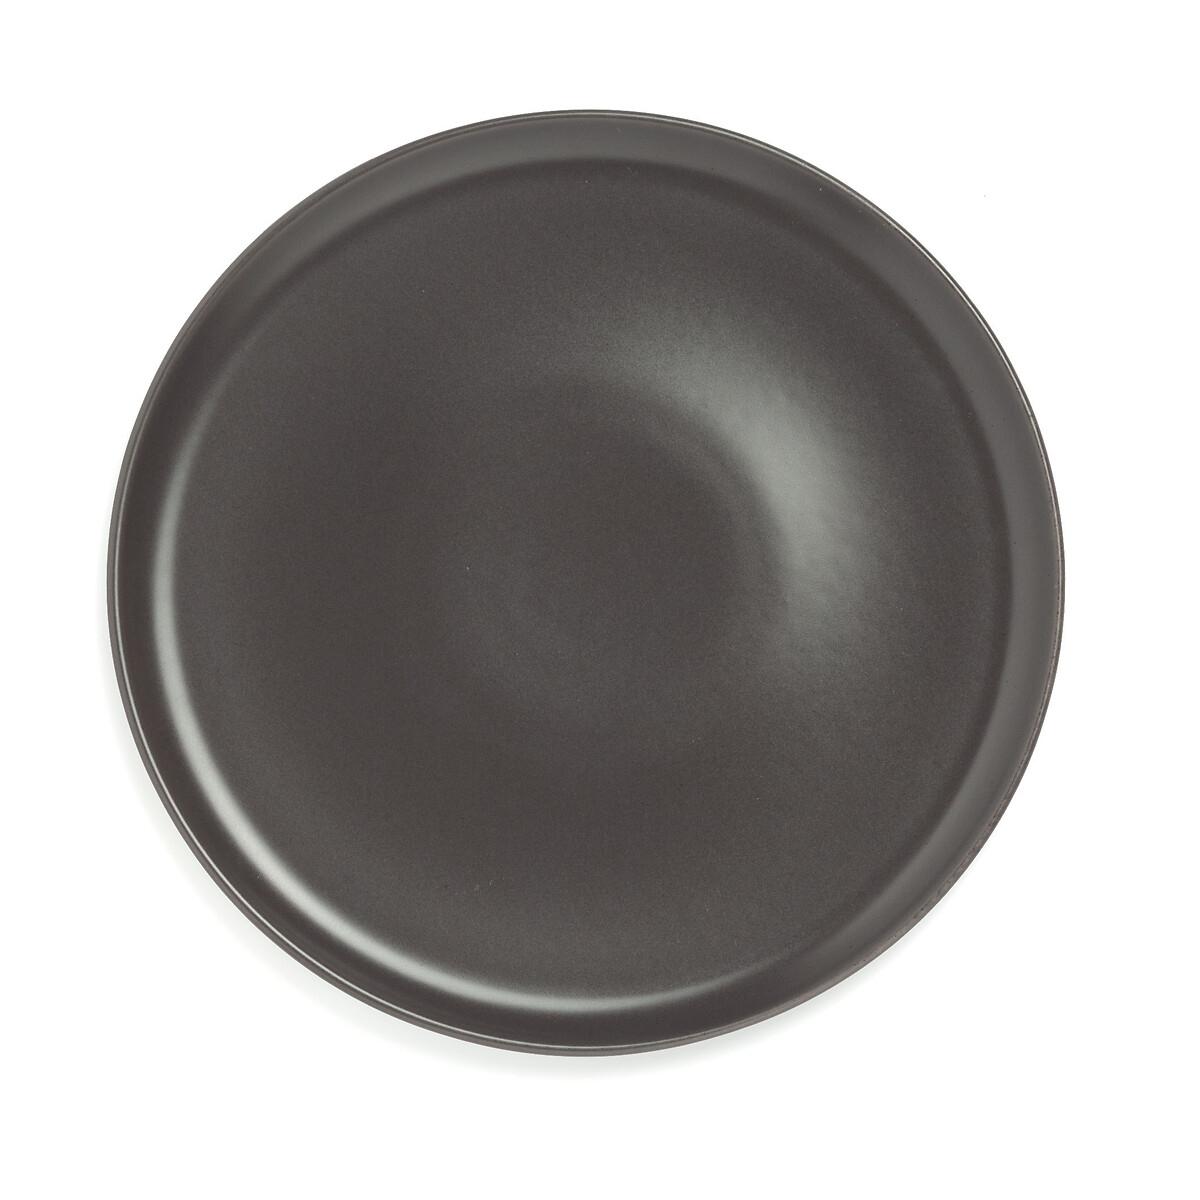 Фото - Комплект из 4 плоских тарелок LaRedoute Orni единый размер черный корзинка laredoute с пластиковой ручкой единый размер черный